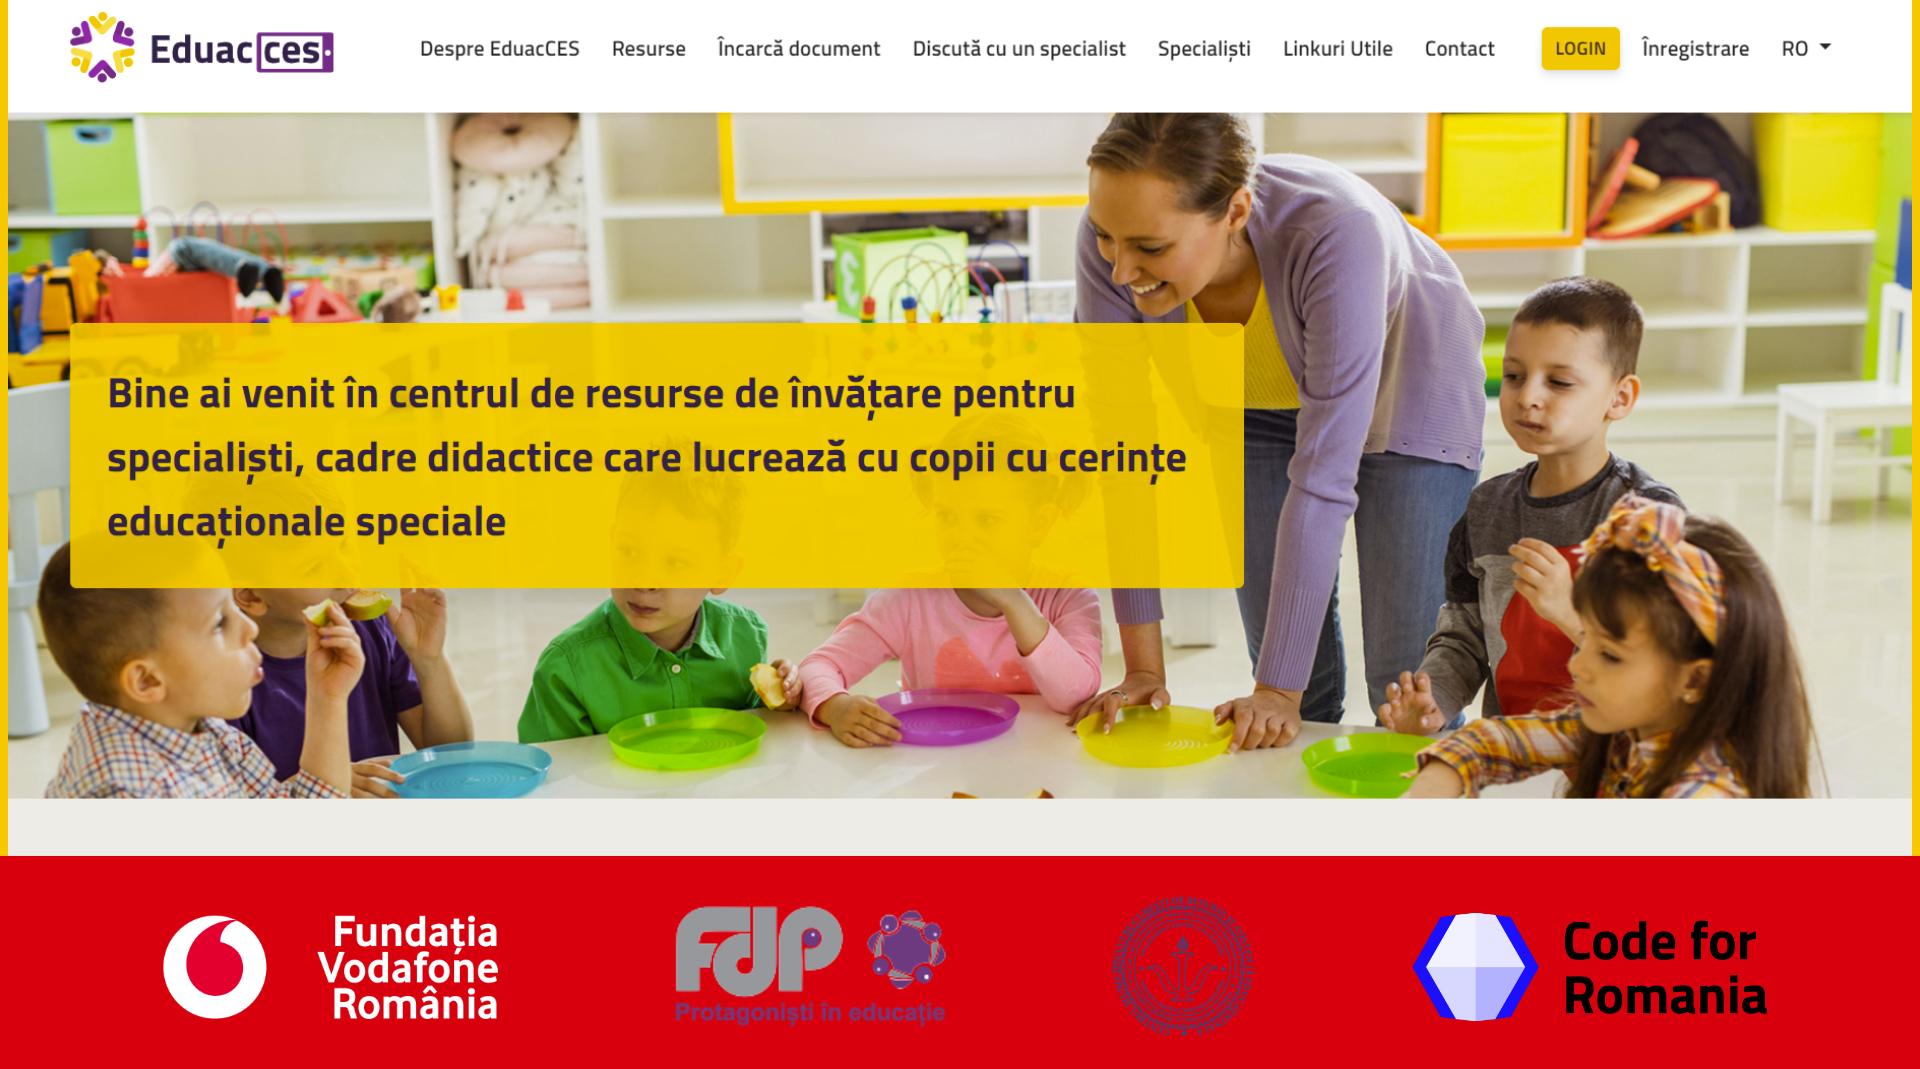 Platforma Eduacces.ro sprijină integrarea elevilor cu cerințe educationale speciale în școlile de masă